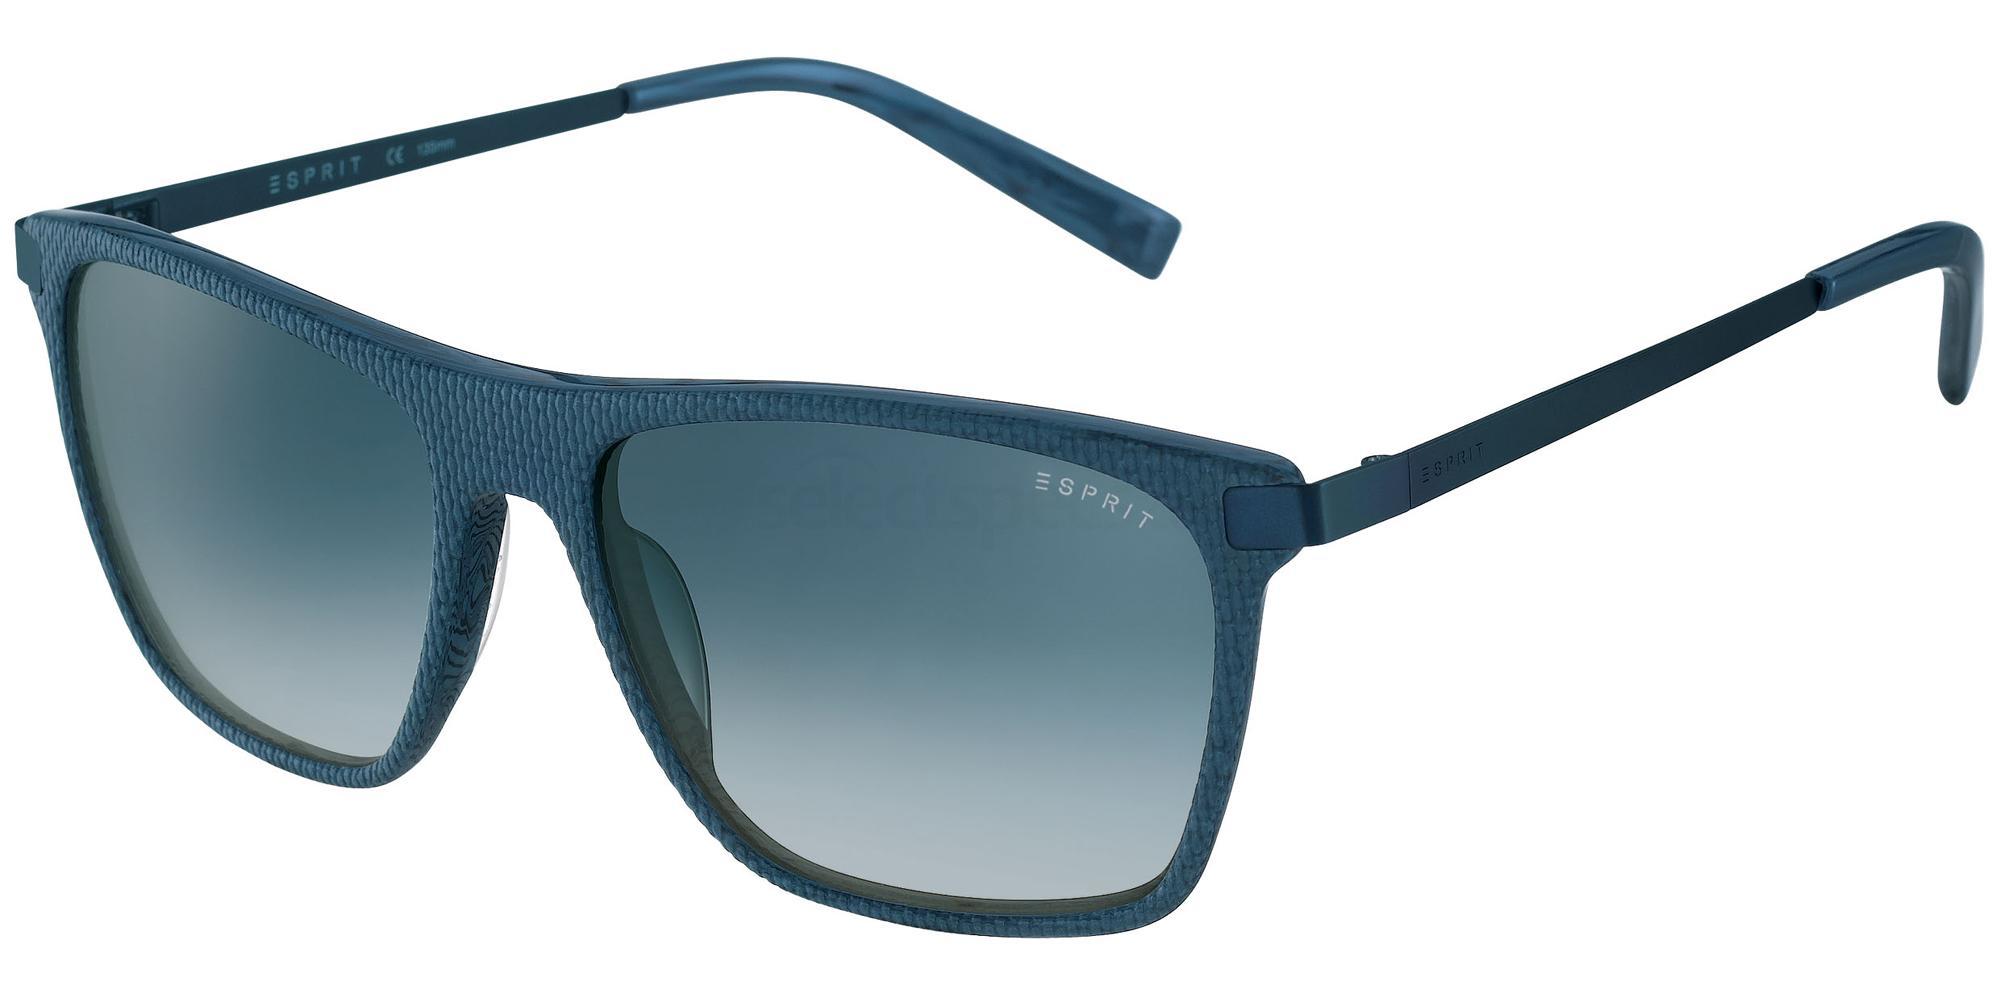 507 ET17888 Sunglasses, Esprit